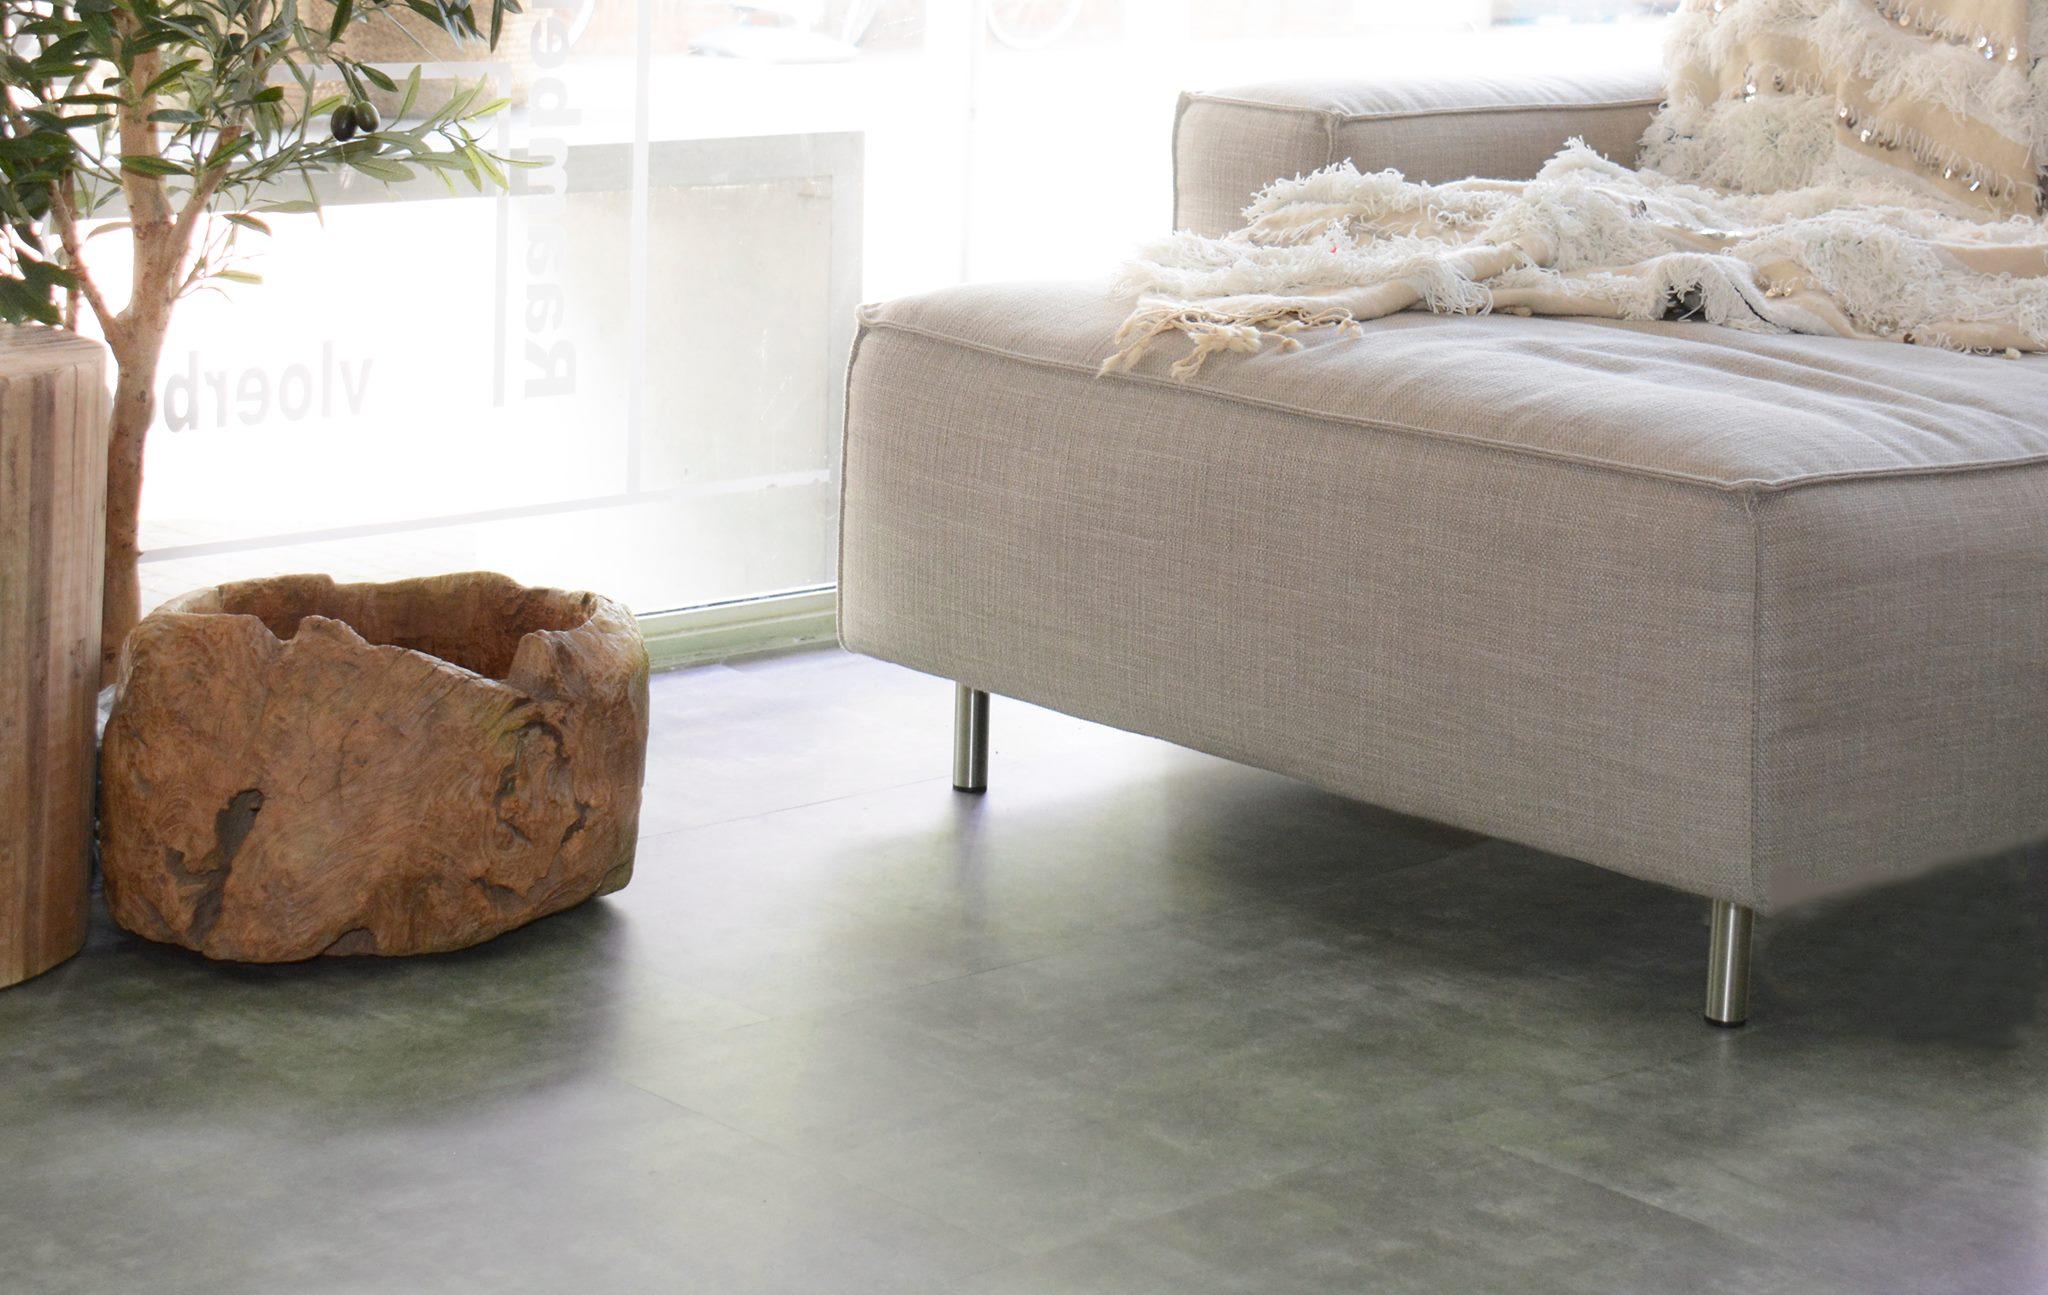 Pvc vloer op tegels pvc vloer portugese tegel trendy marble